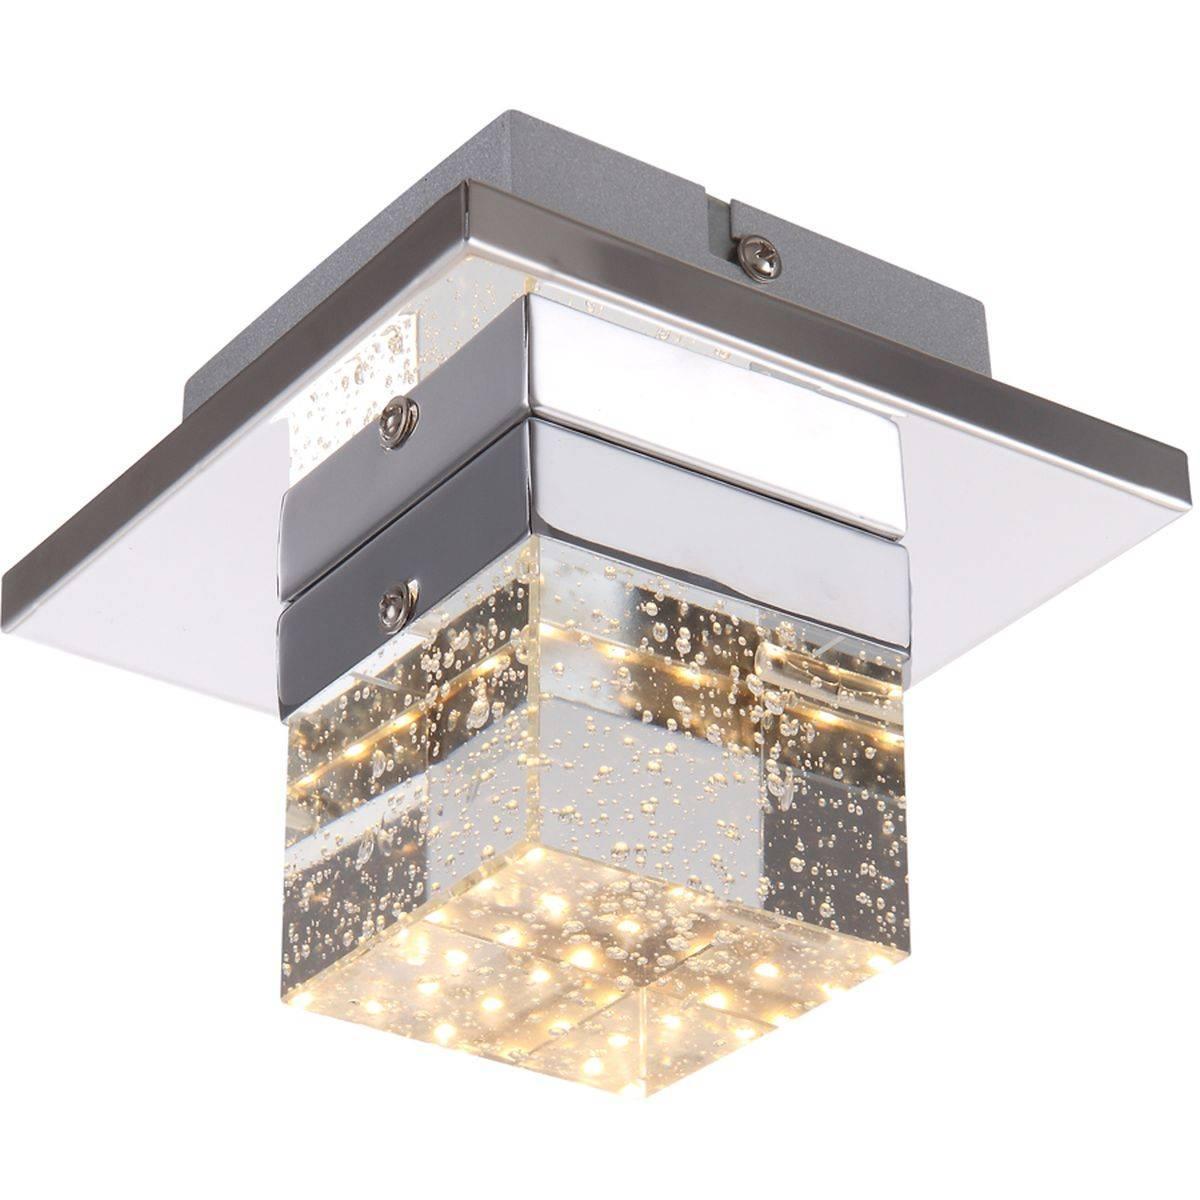 Потолочный светодиодный светильник Globo Macan 42505-1 потолочный светодиодный светильник globo mathilda 68397 12